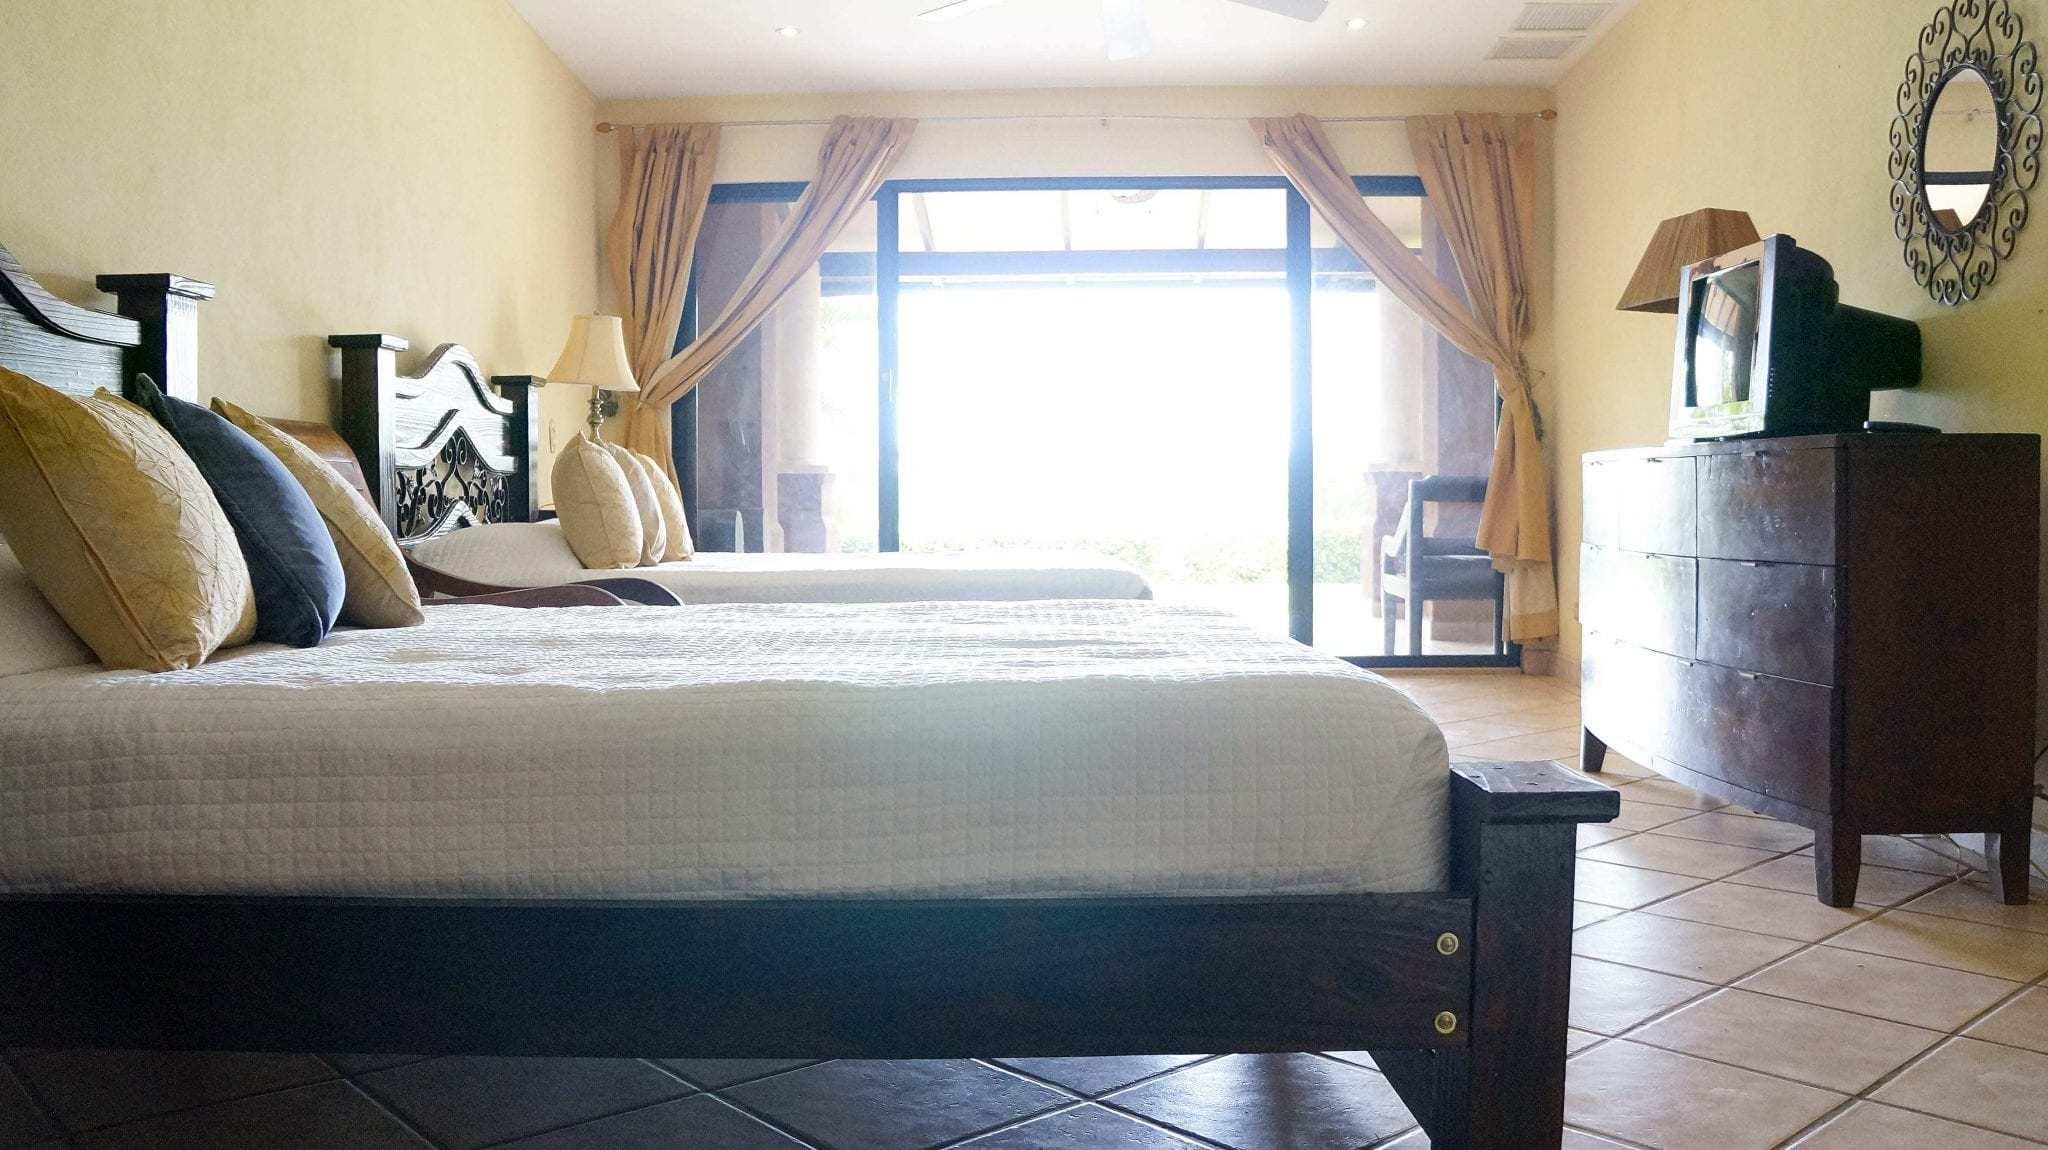 D512 - Bedroom